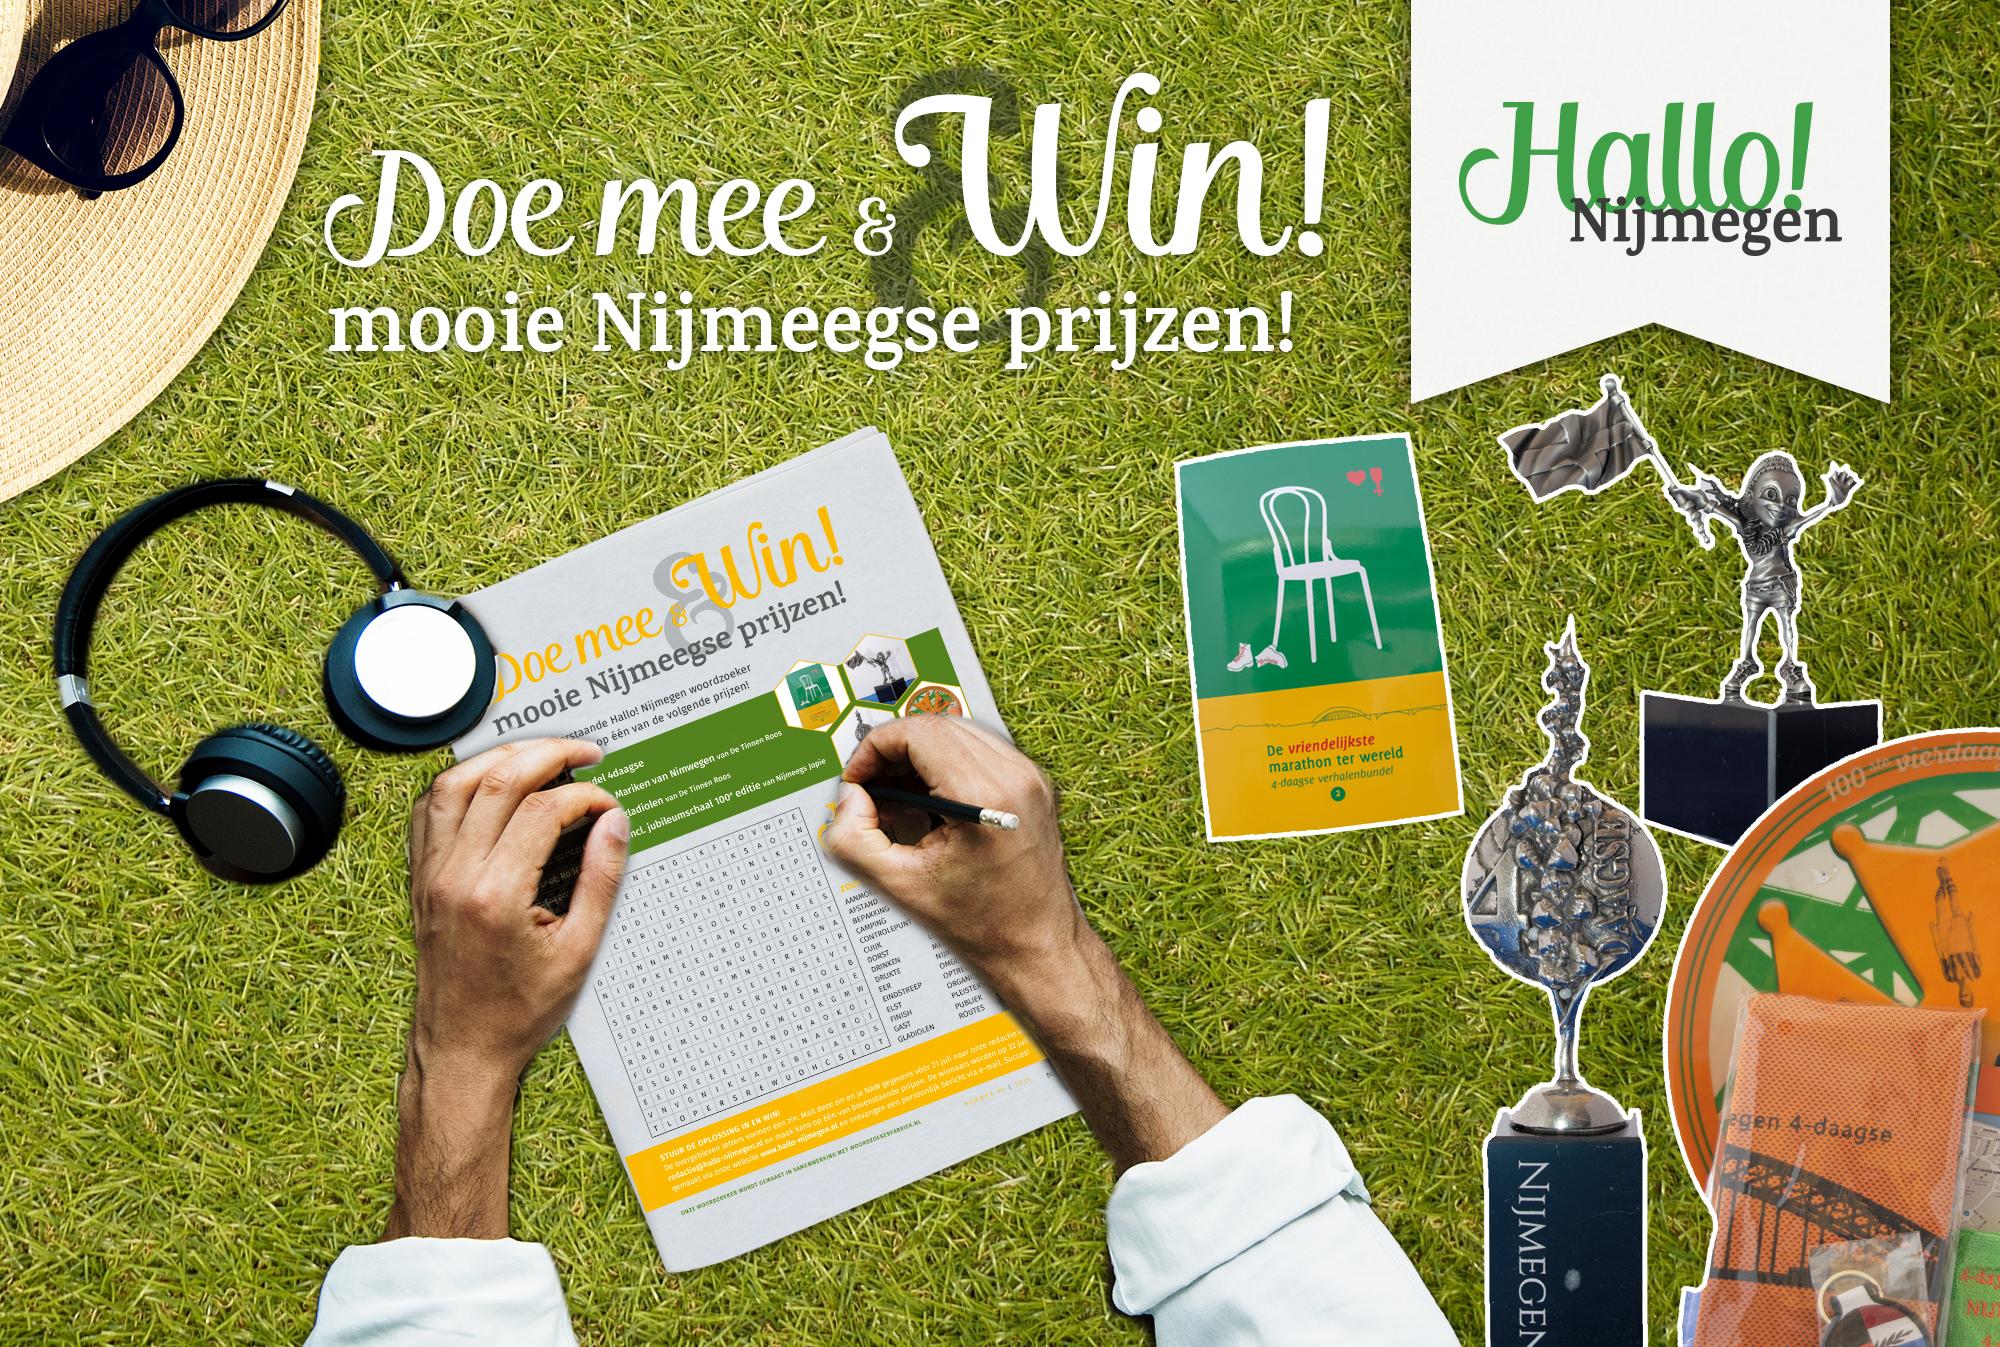 Doe mee met de Hallo! Nijmegen Woordzoeker van juli en win leuke prijzen!